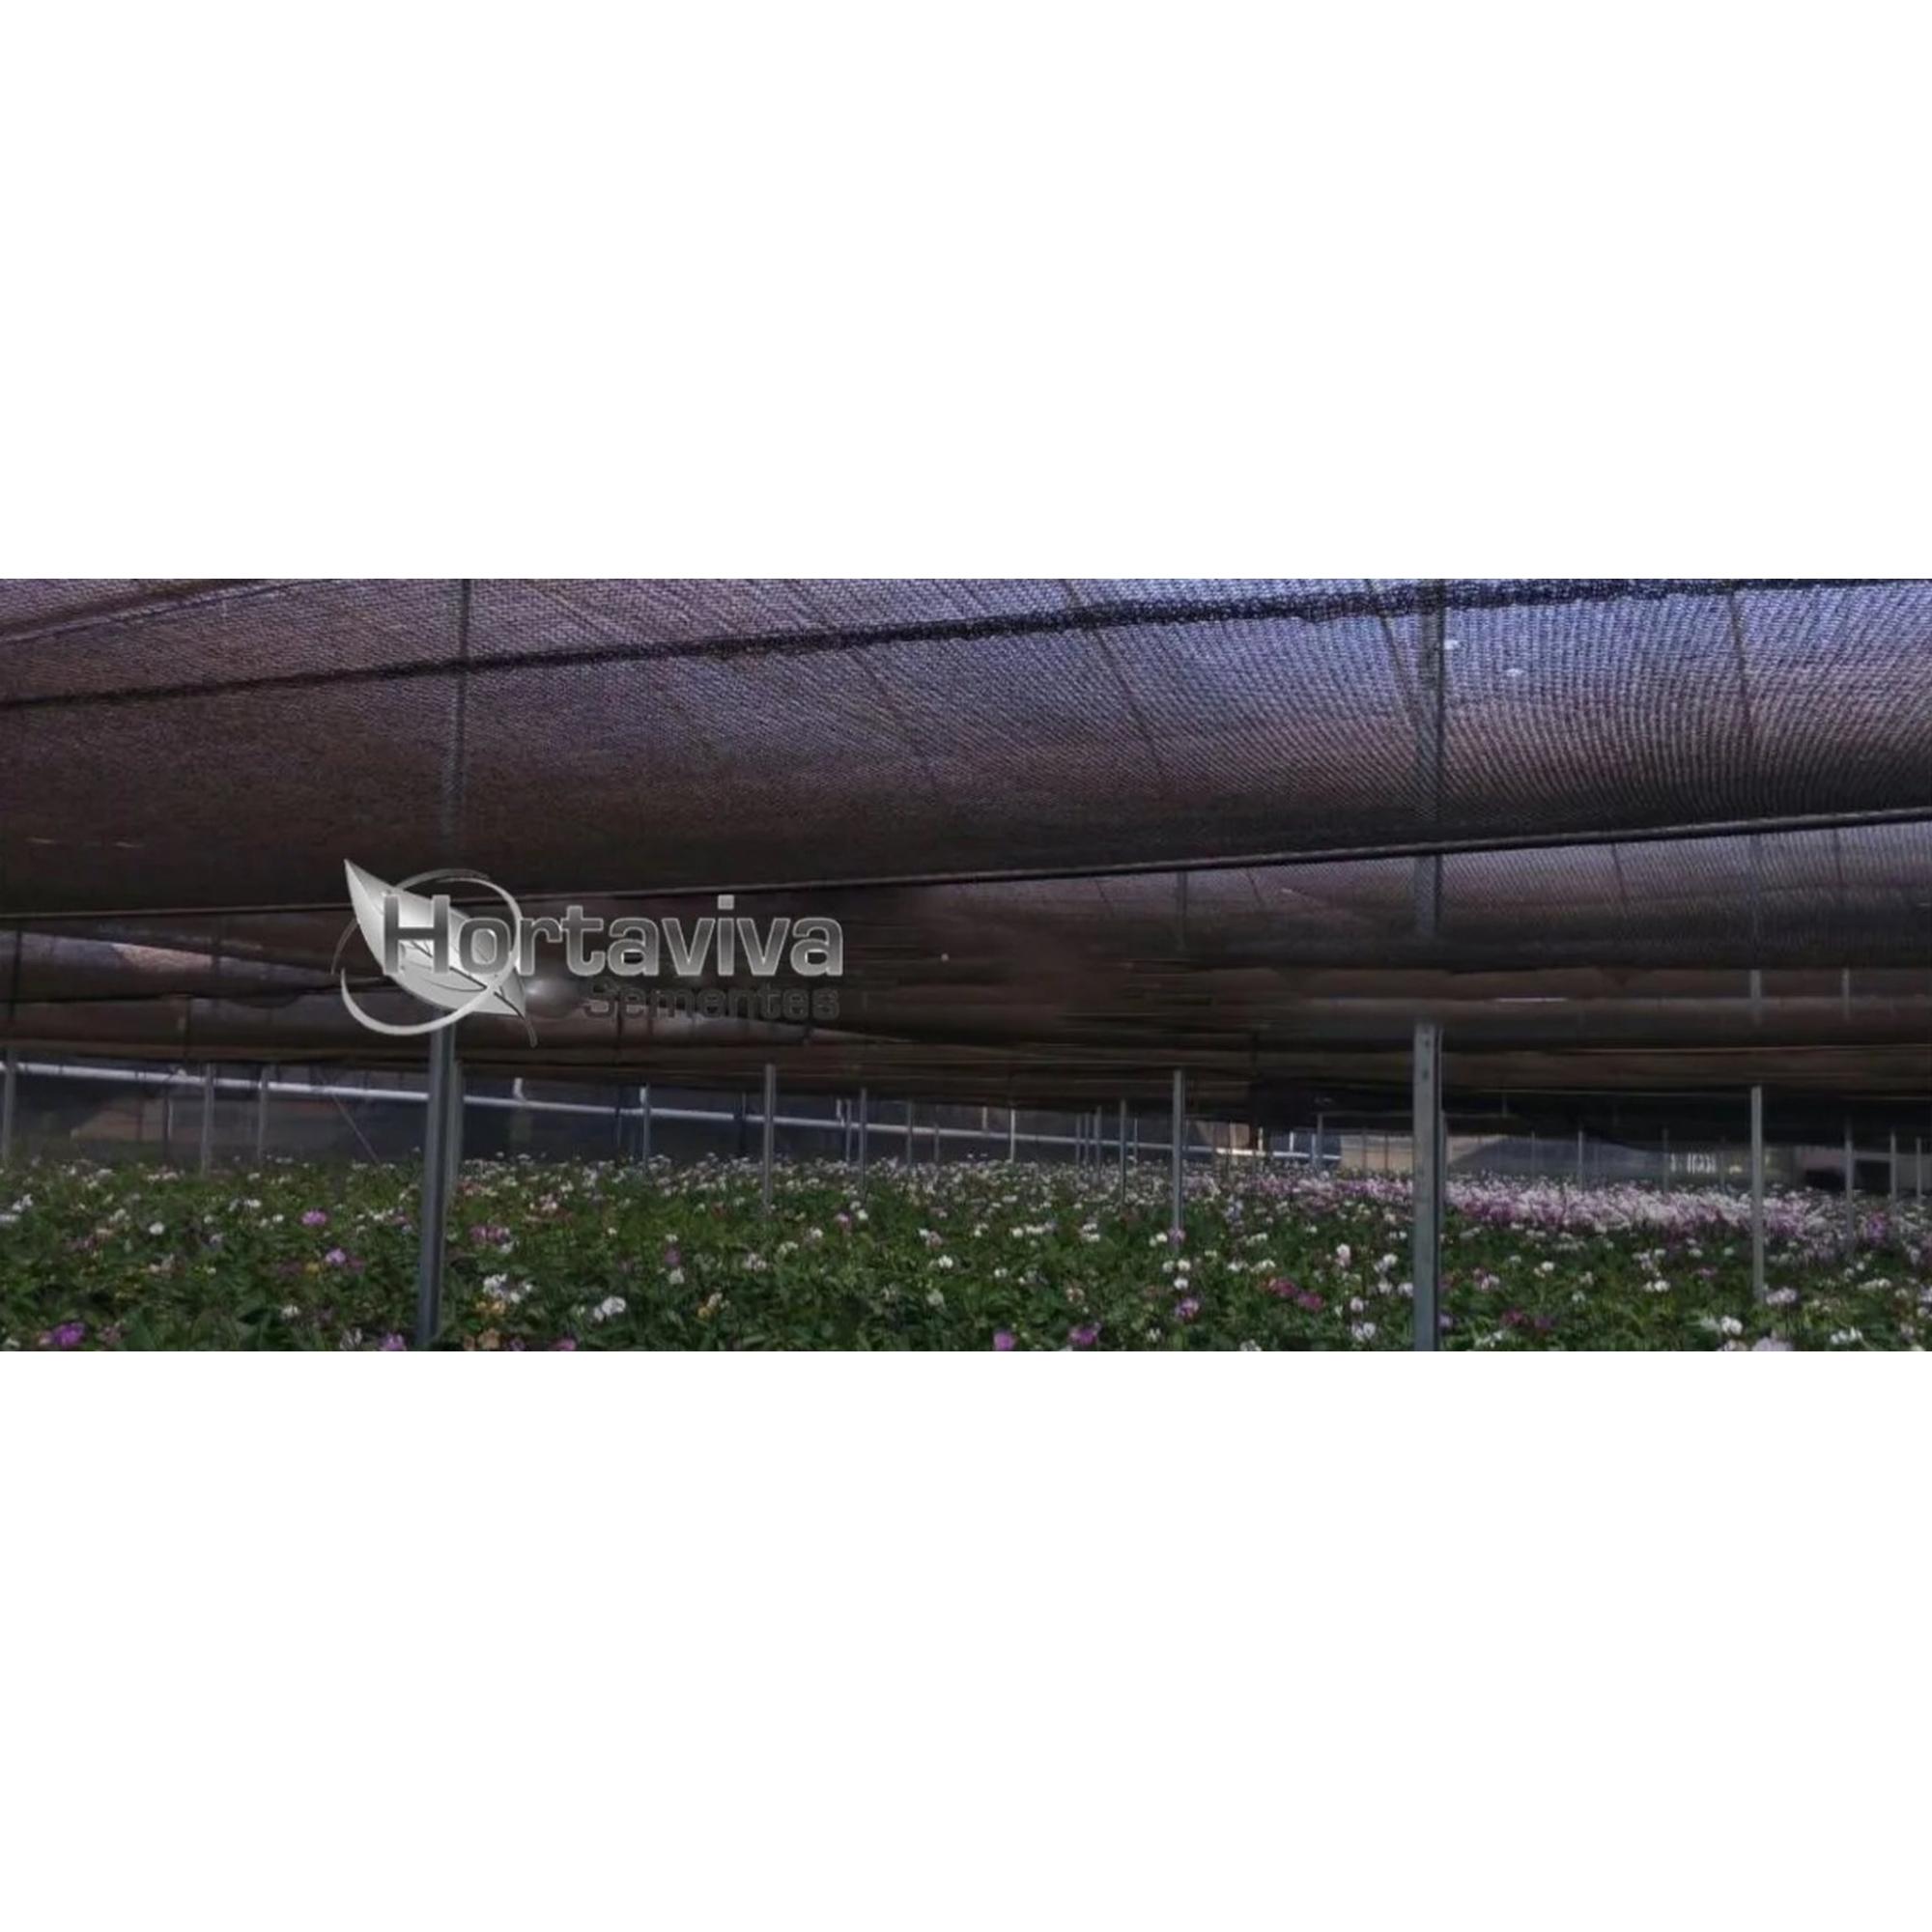 Tela de Sombreamento Preta 50% - 4 Metros x 45 Metros